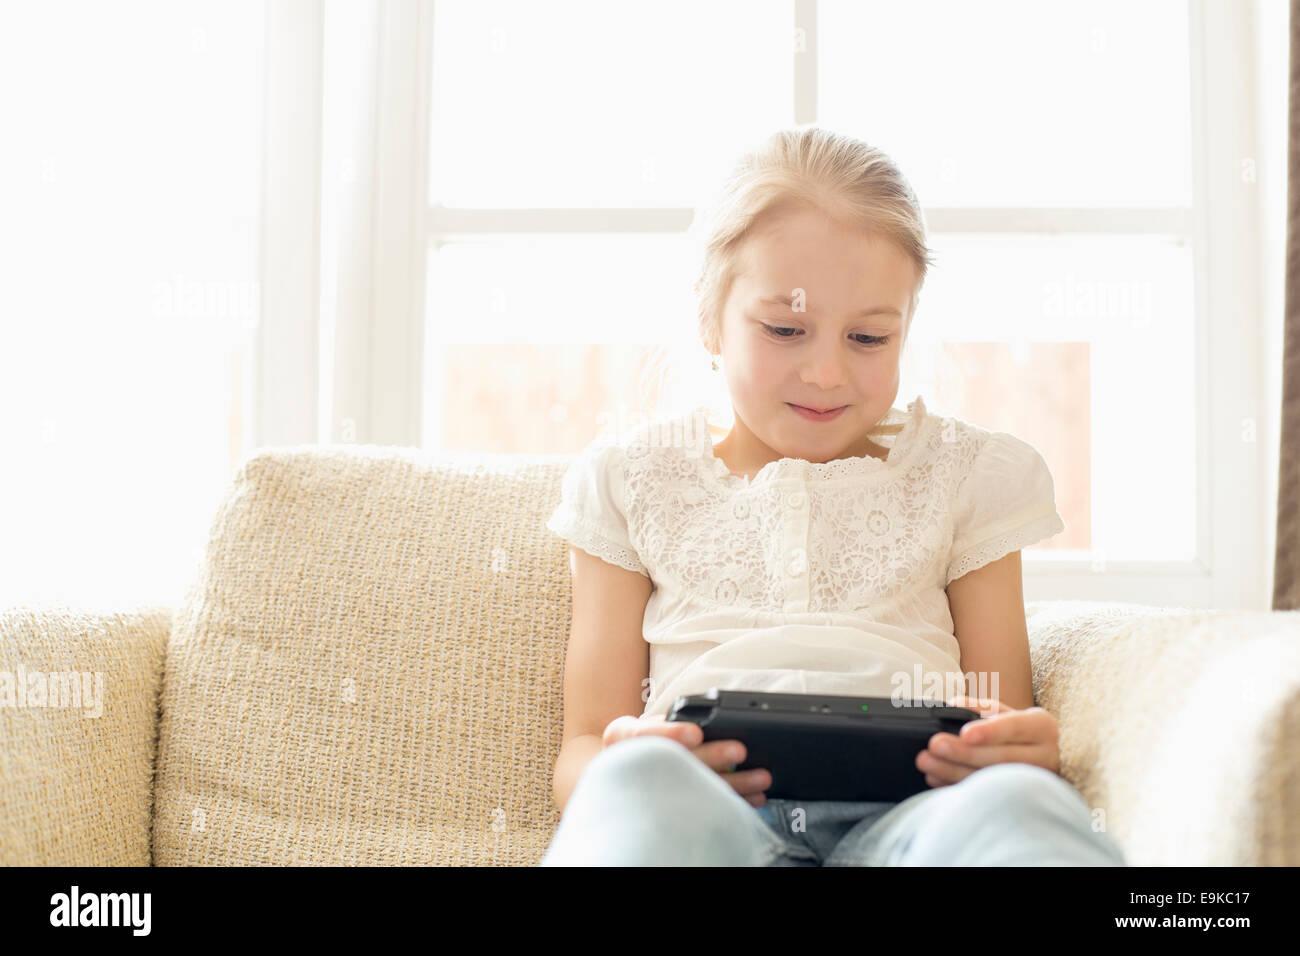 Niedliche Mädchen tragbare Videospiel zu Hause spielen Stockbild